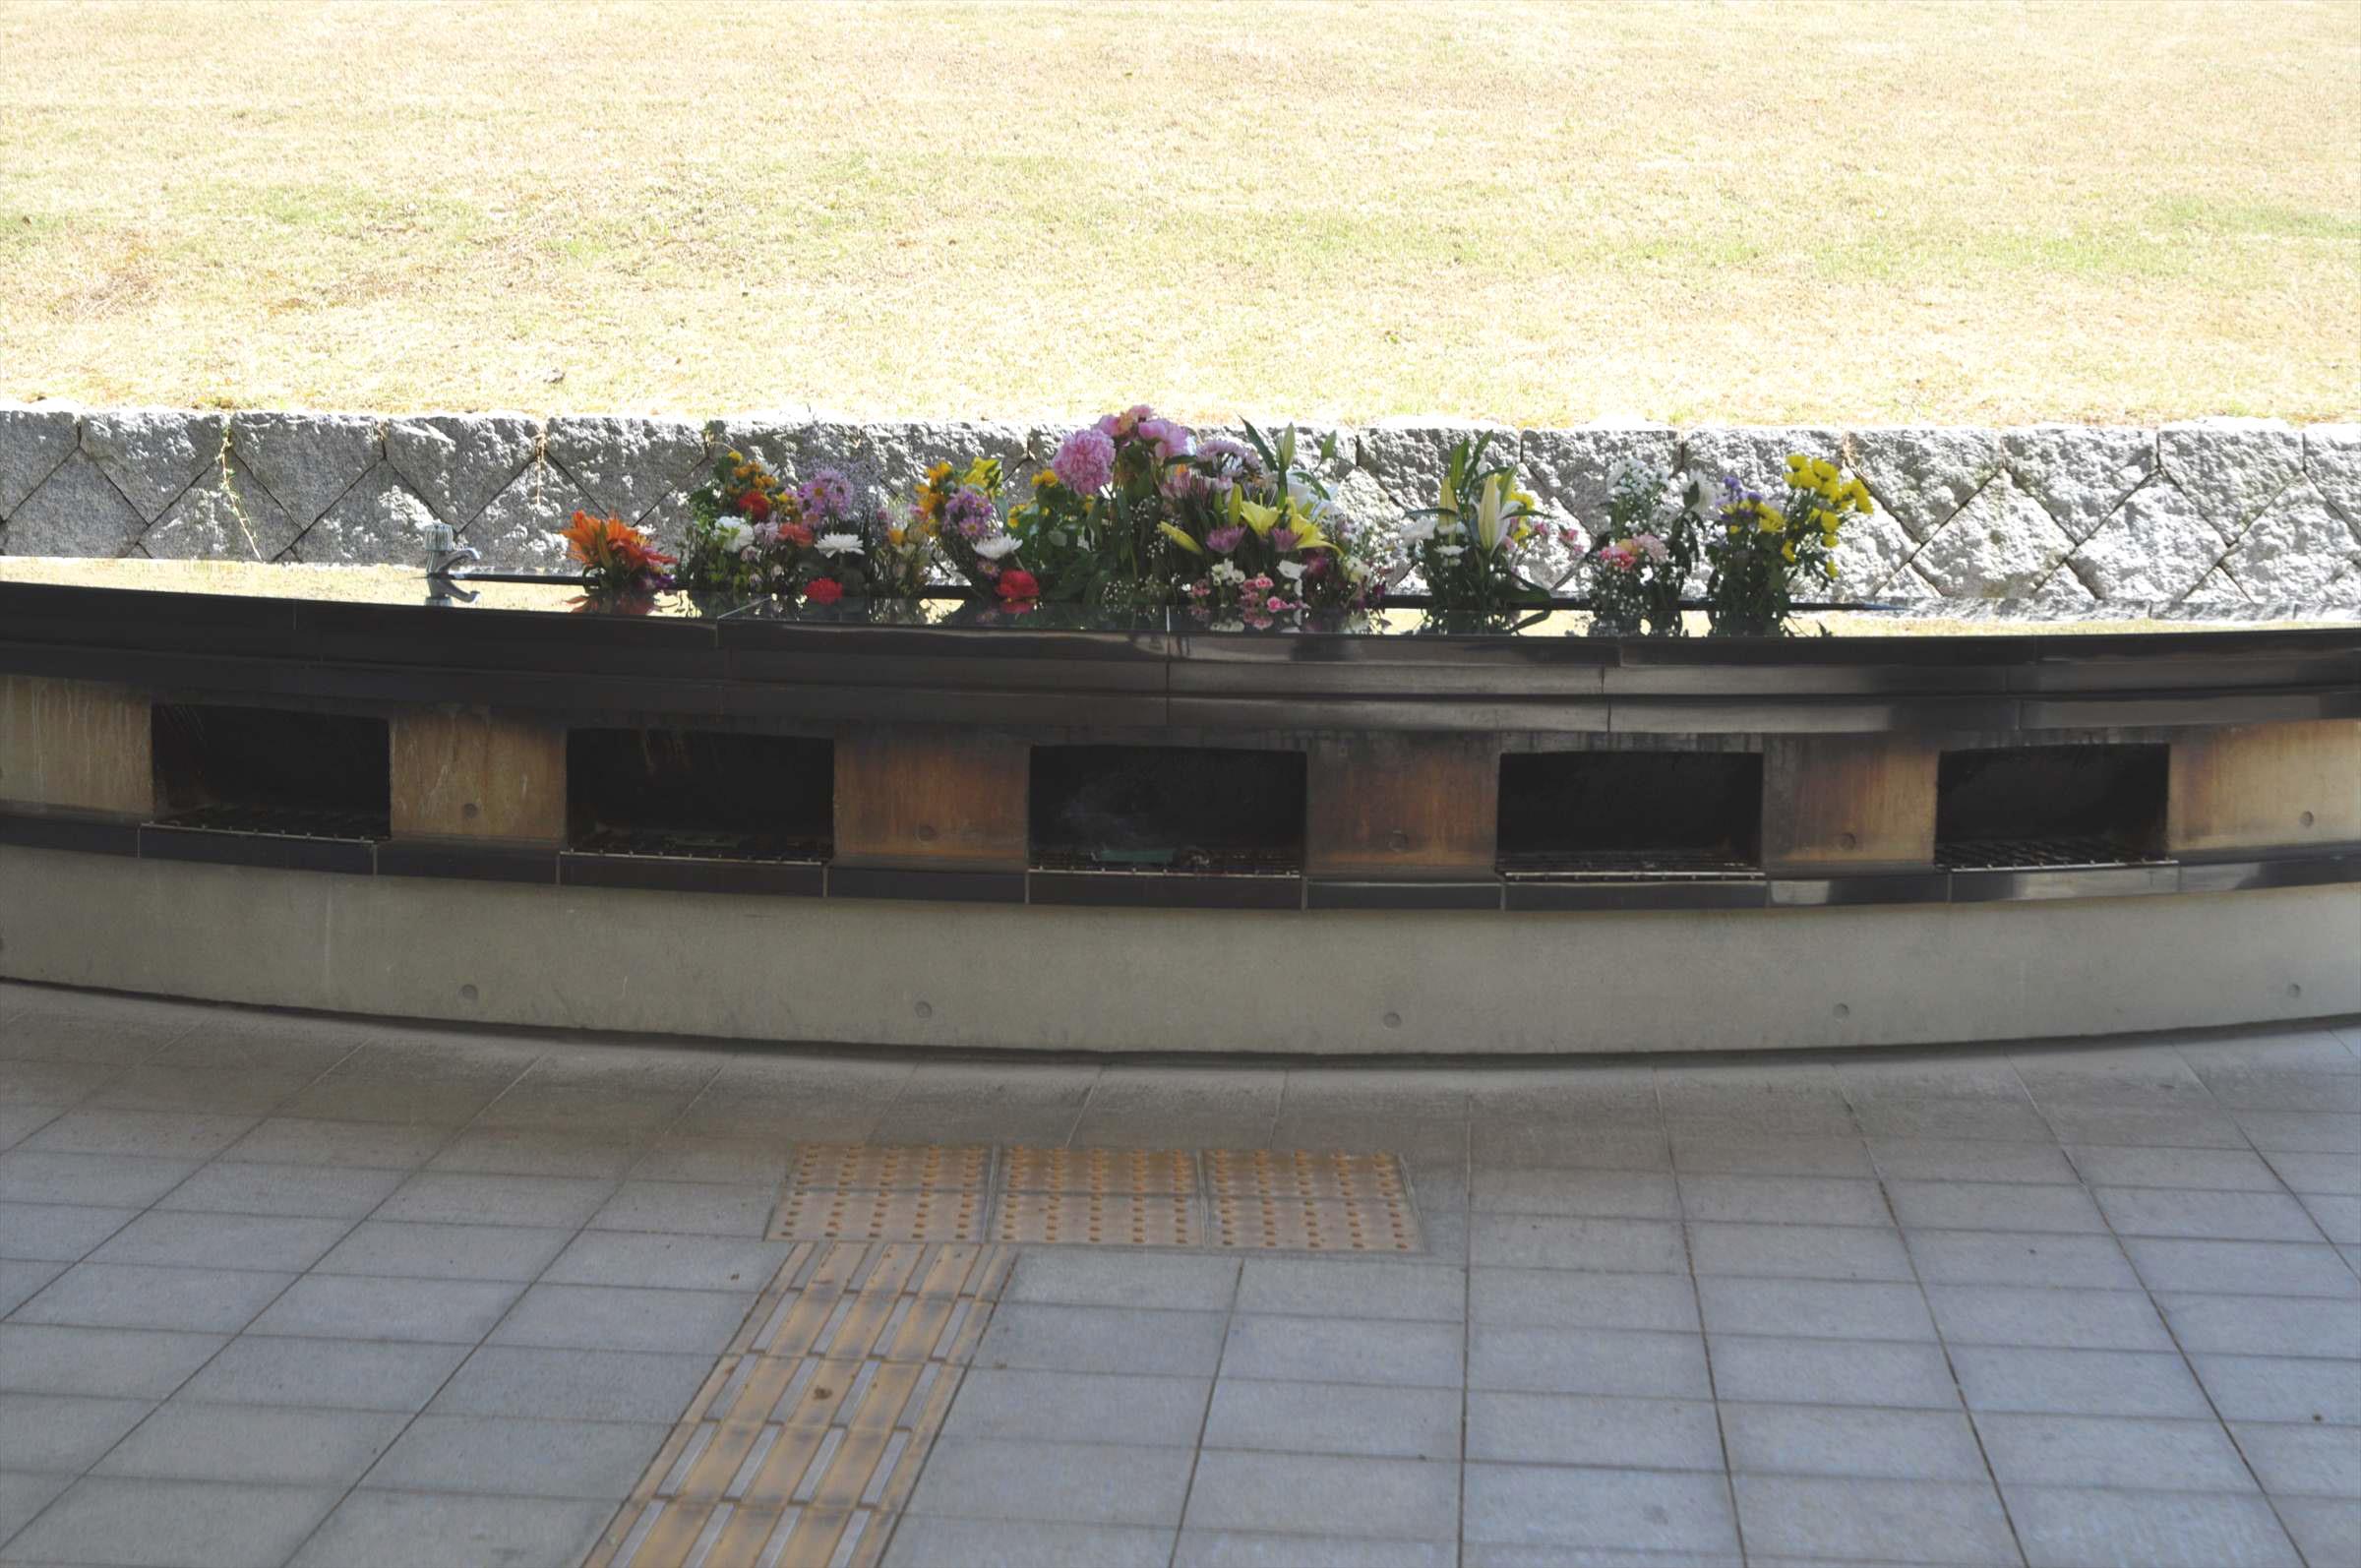 ・小平霊園の合葬式墓地を見てきました   霊園とお墓のはなし・小平霊園の合葬式墓地を見てきました